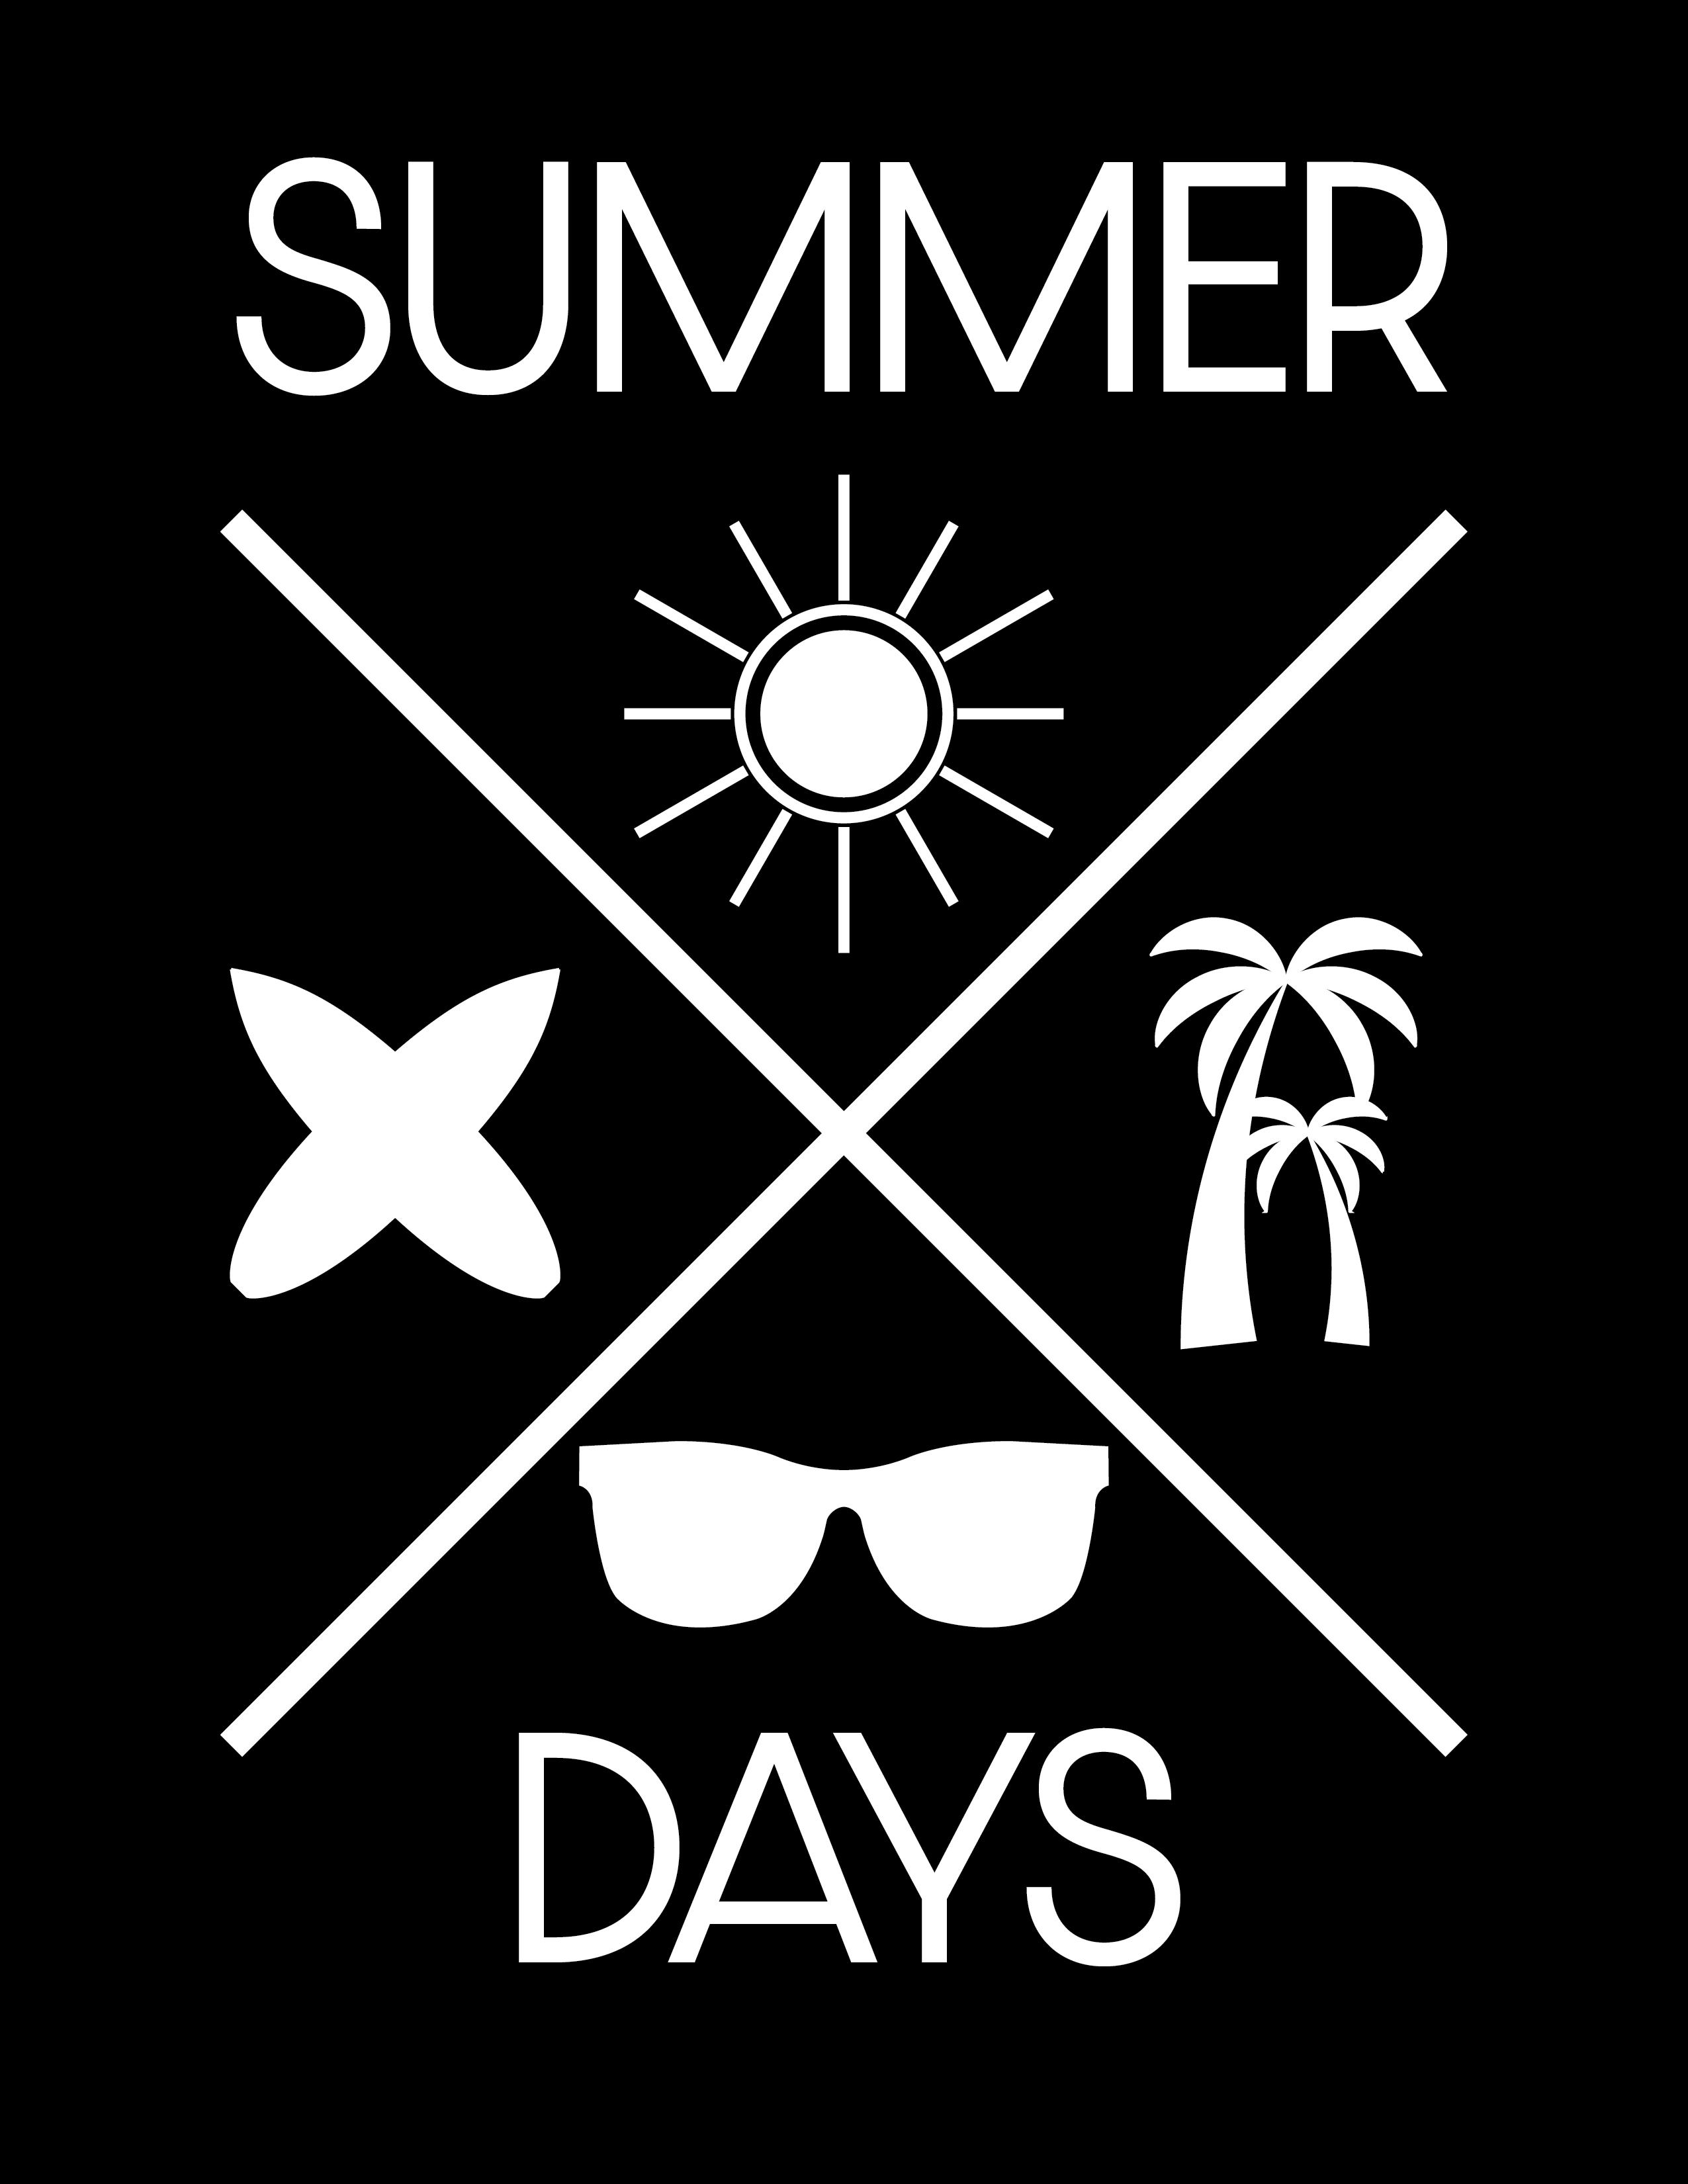 Summer Days Cross Design